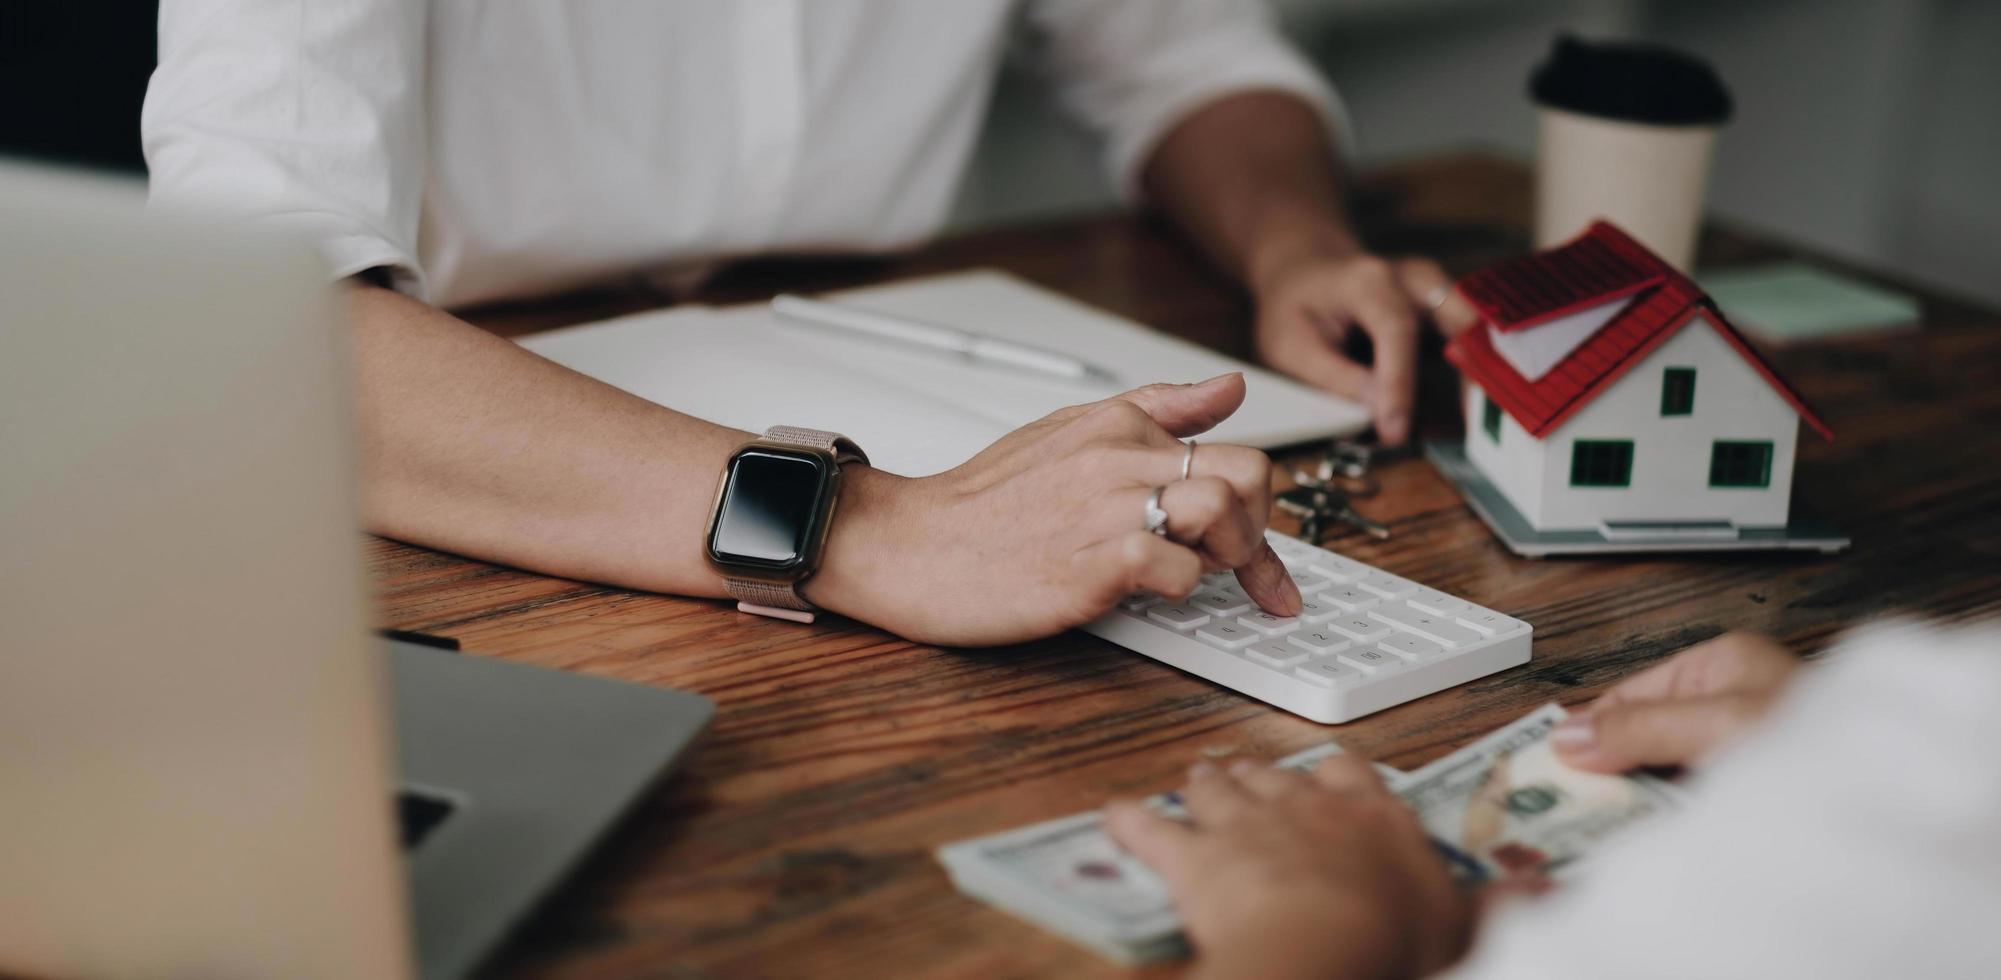 l'agent immobilier établit un contrat de maison après que le client a payé la caution de la maison. discussion, négociation, conclure l'affaire photo